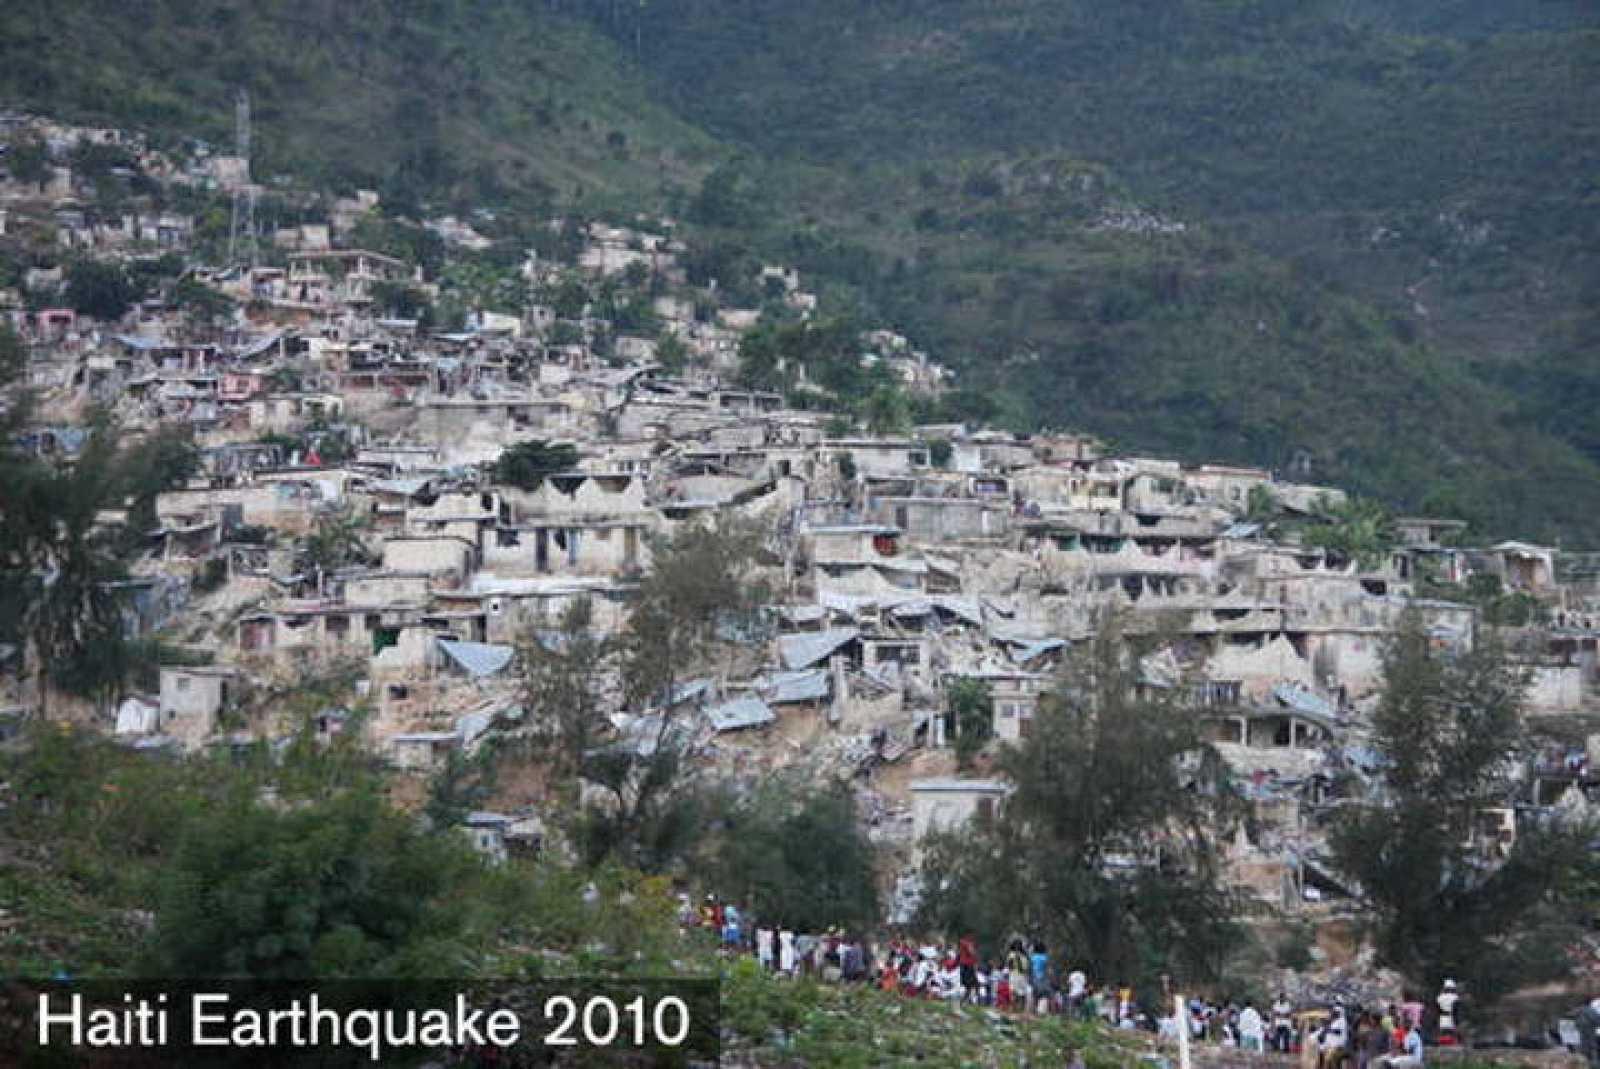 Fotografía cedida por la Cruz Roja Americana donde se observa la devastación en unos de los barrios de Puerto Príncipe tras el terremoto.